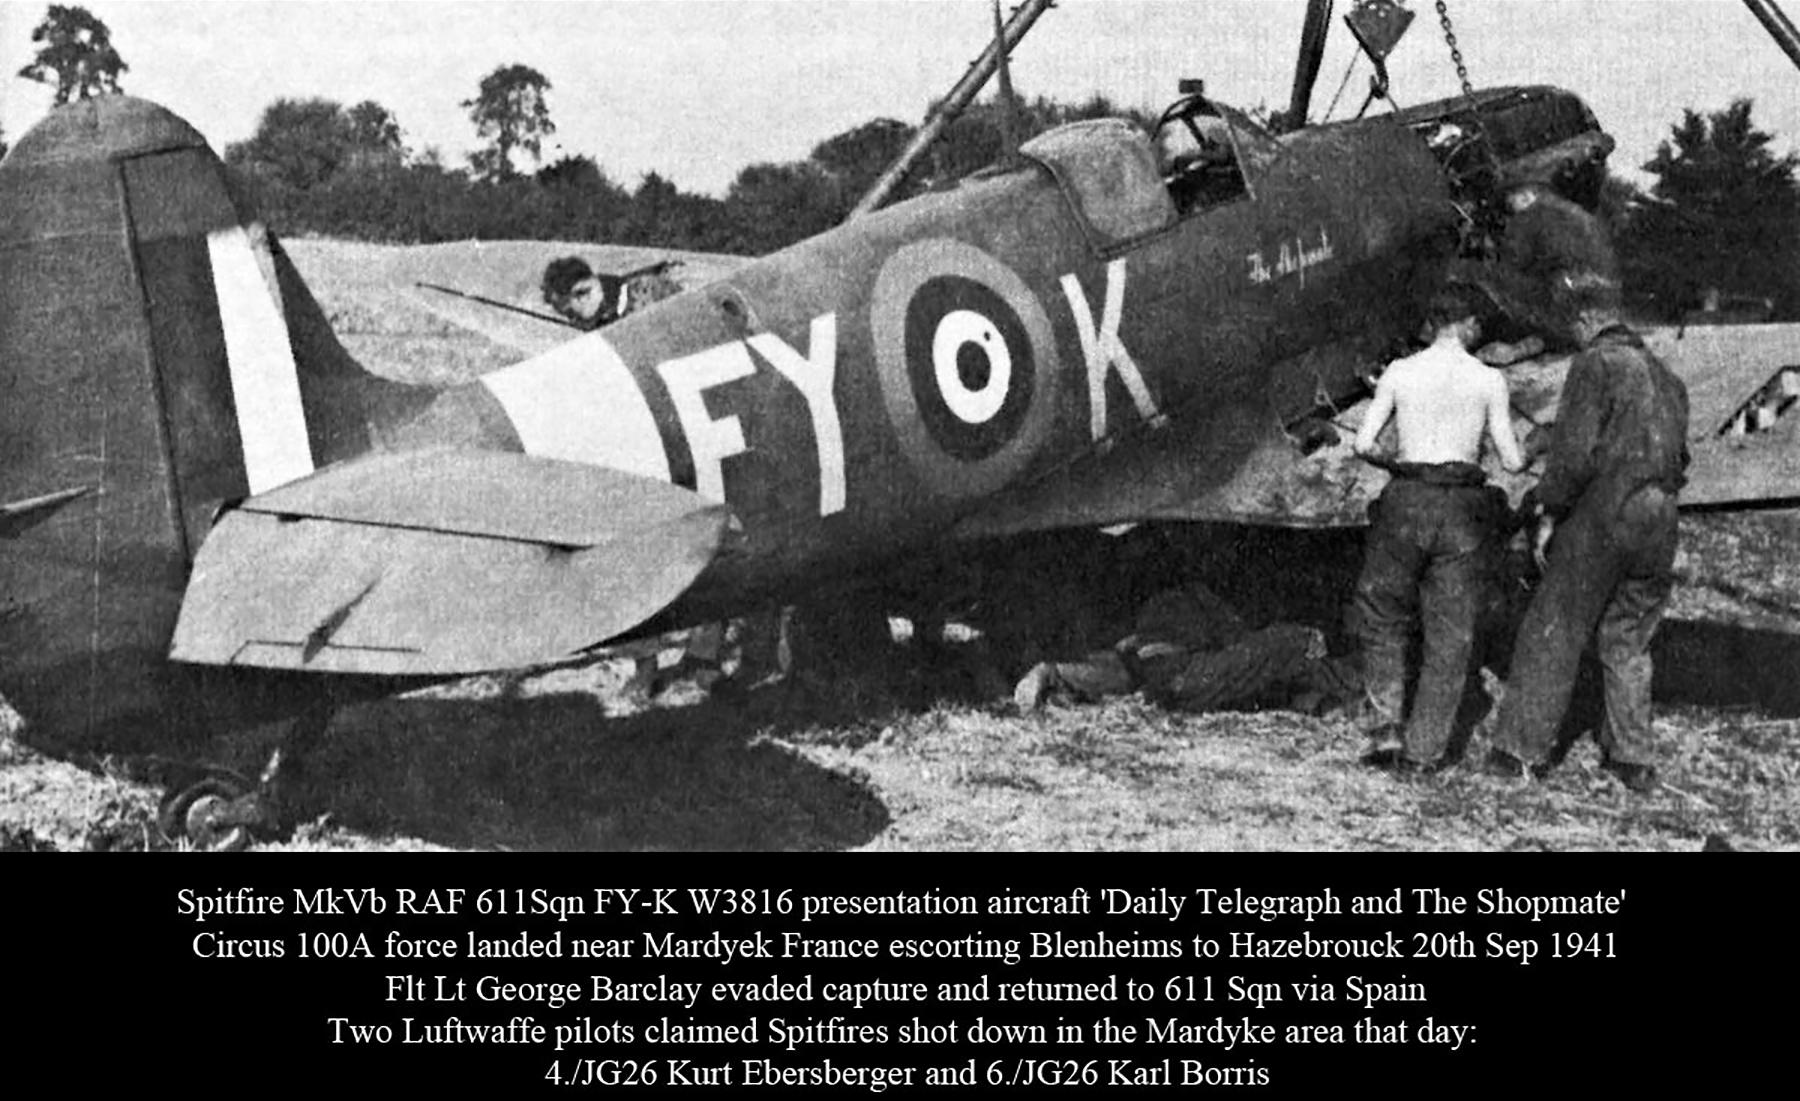 Spitfire MkVb RAF 611Sqn FYK George Barclay W3816 force landed nr Mardyek France 20th Sep 1941